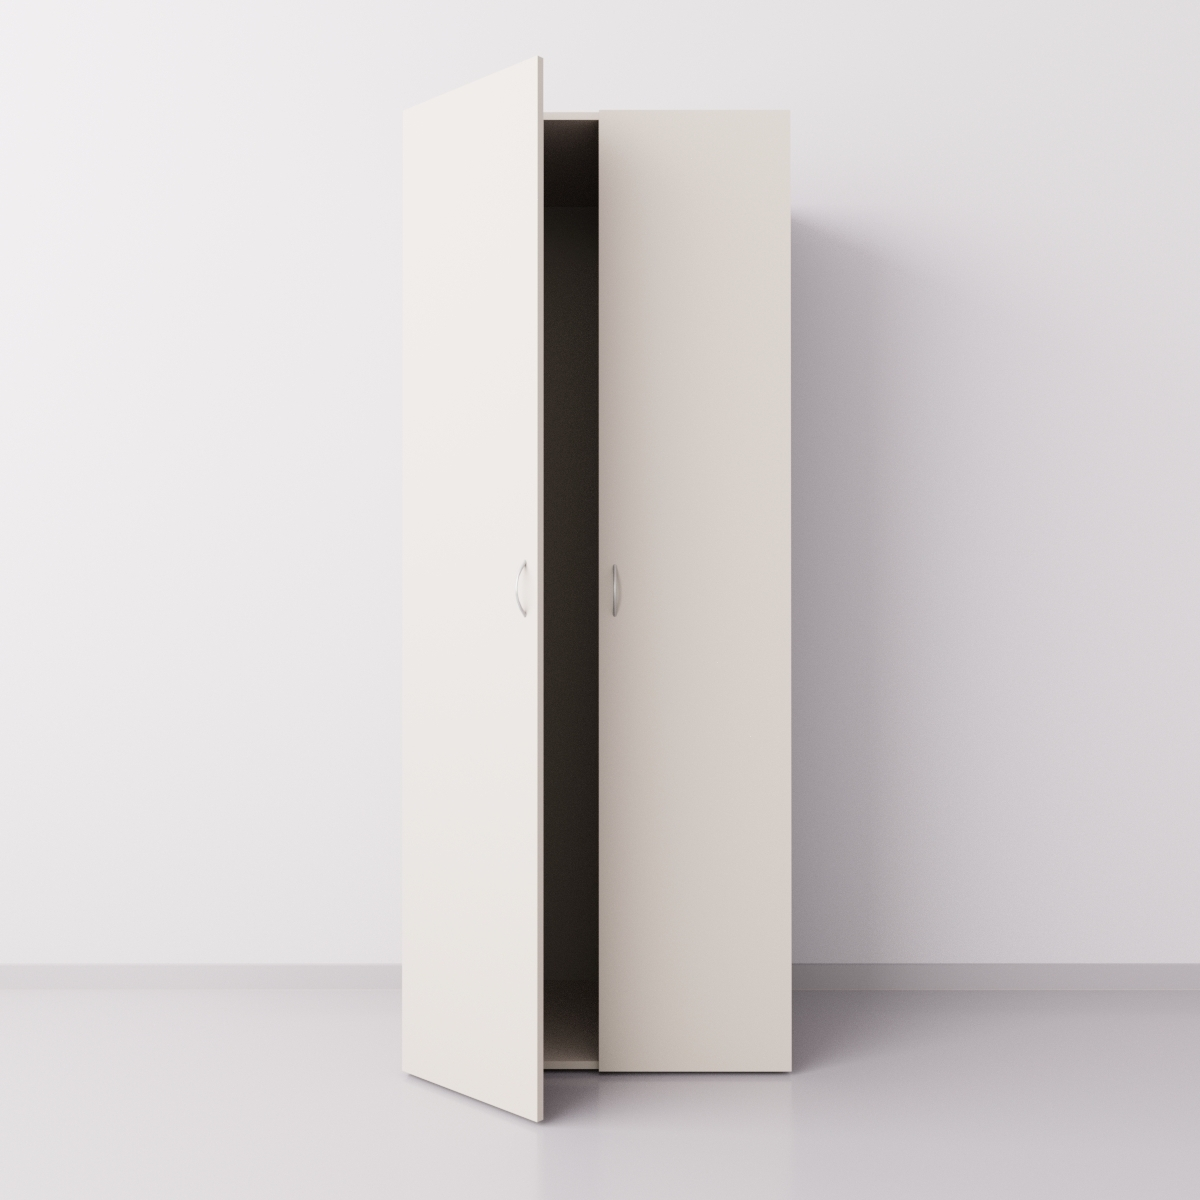 Шкаф для одежды двухстворчатый, ДСП, бежевый